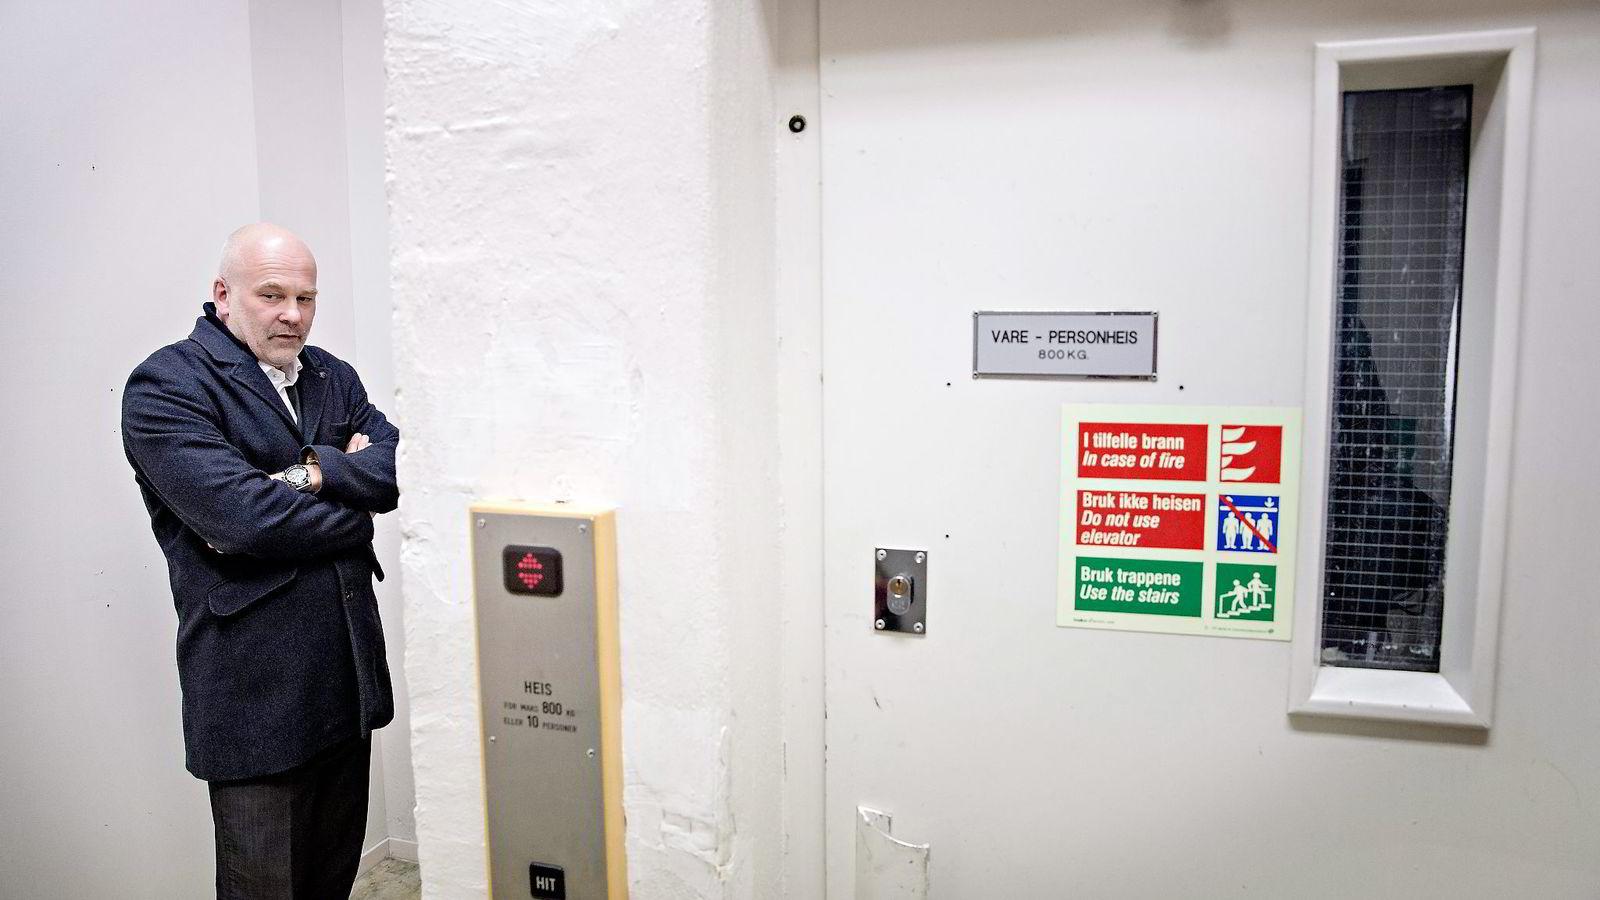 – Jeg blir ikke skremt av noe. Skal man bli skremt av dette, får man finne seg en annen jobb, sier kringkastingssjef Thor Gjermund Eriksen, som er overrasket over forslaget fra regjeringspartiene. Foto: Aleksander Nordahl